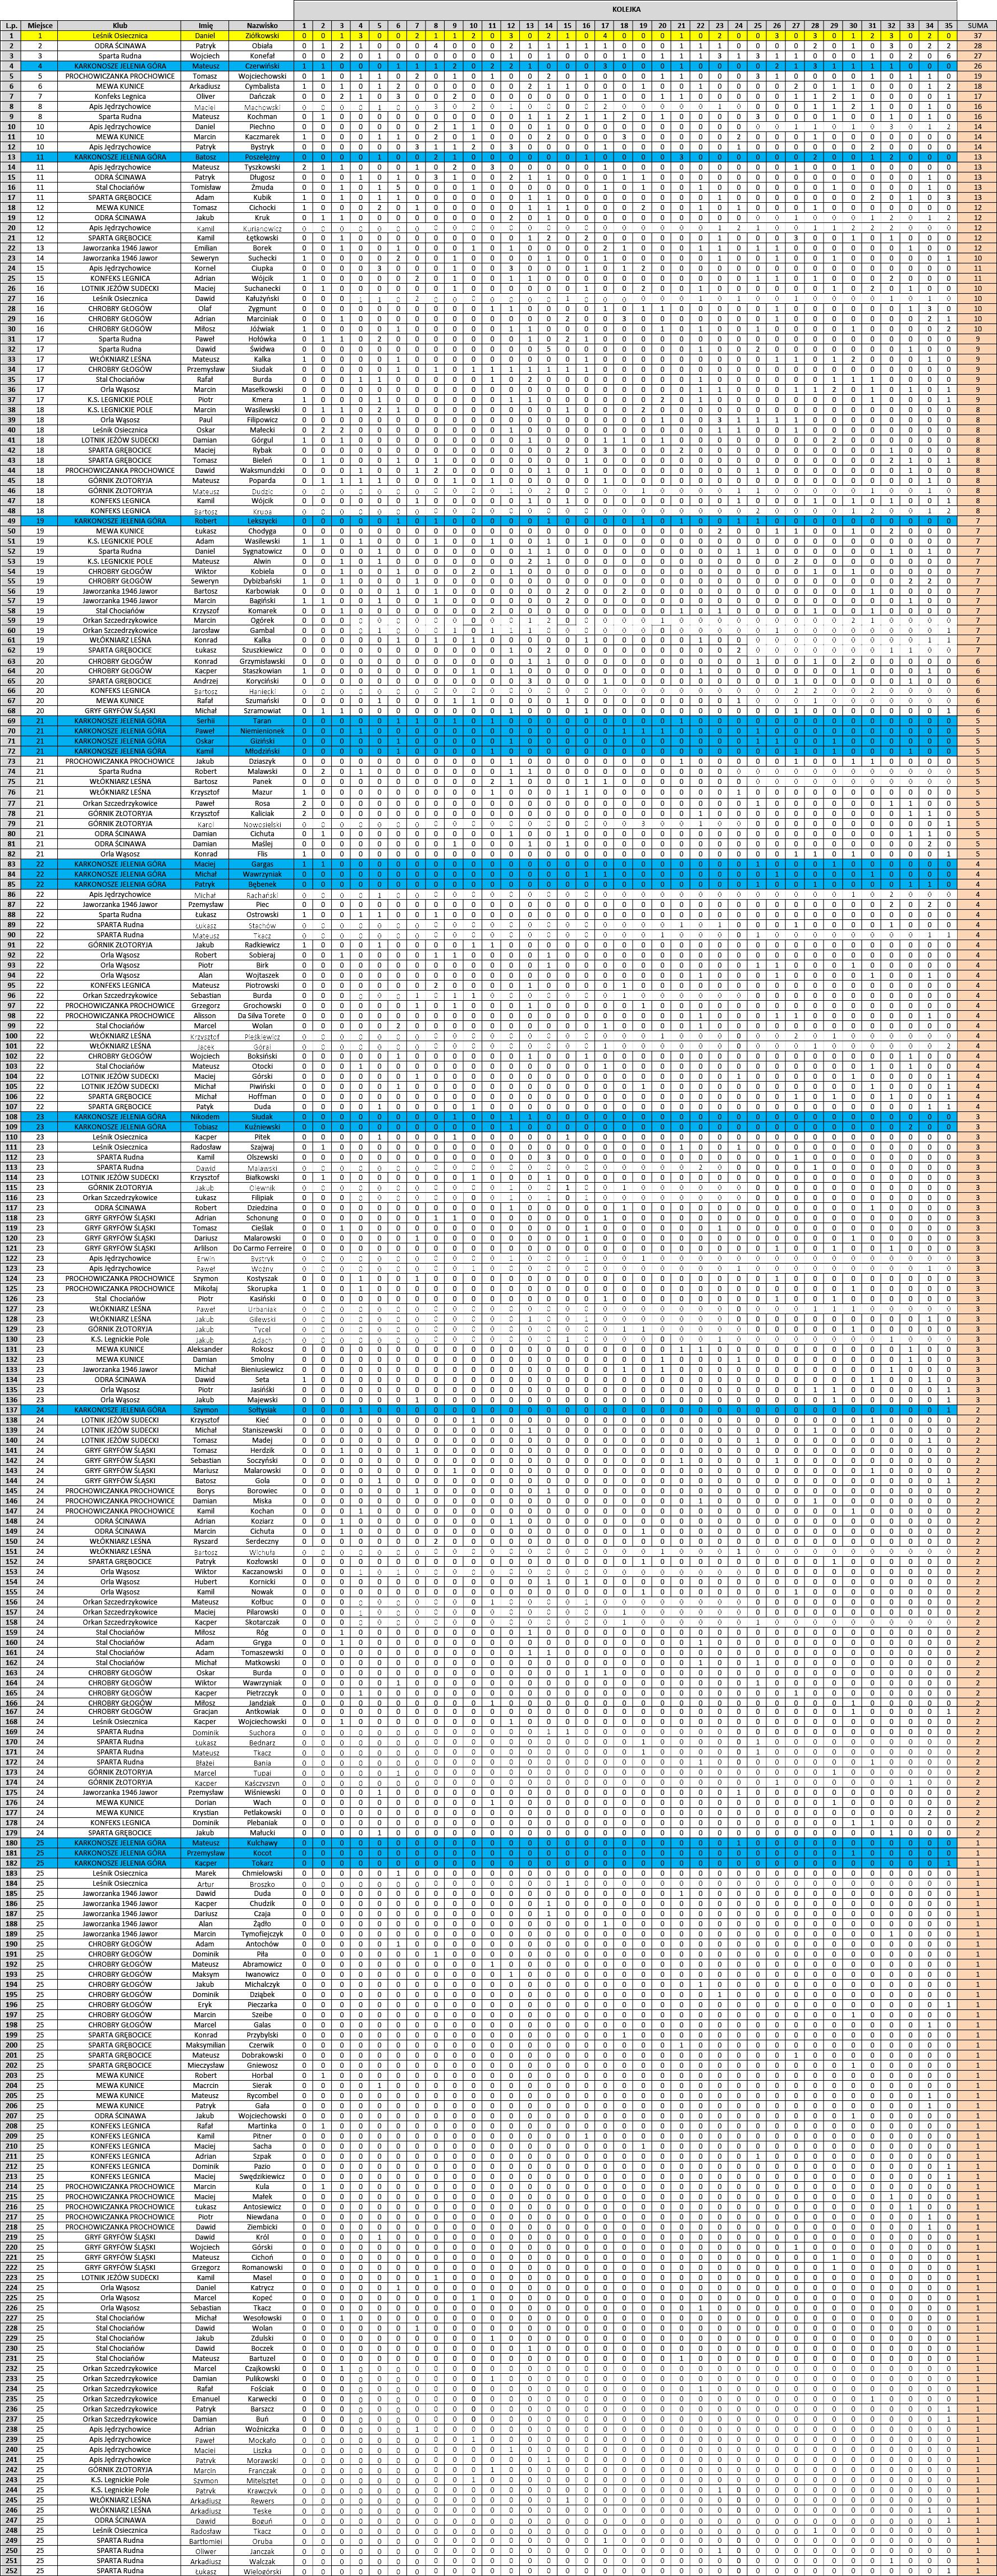 klasyfikacja końcola - strzelcy